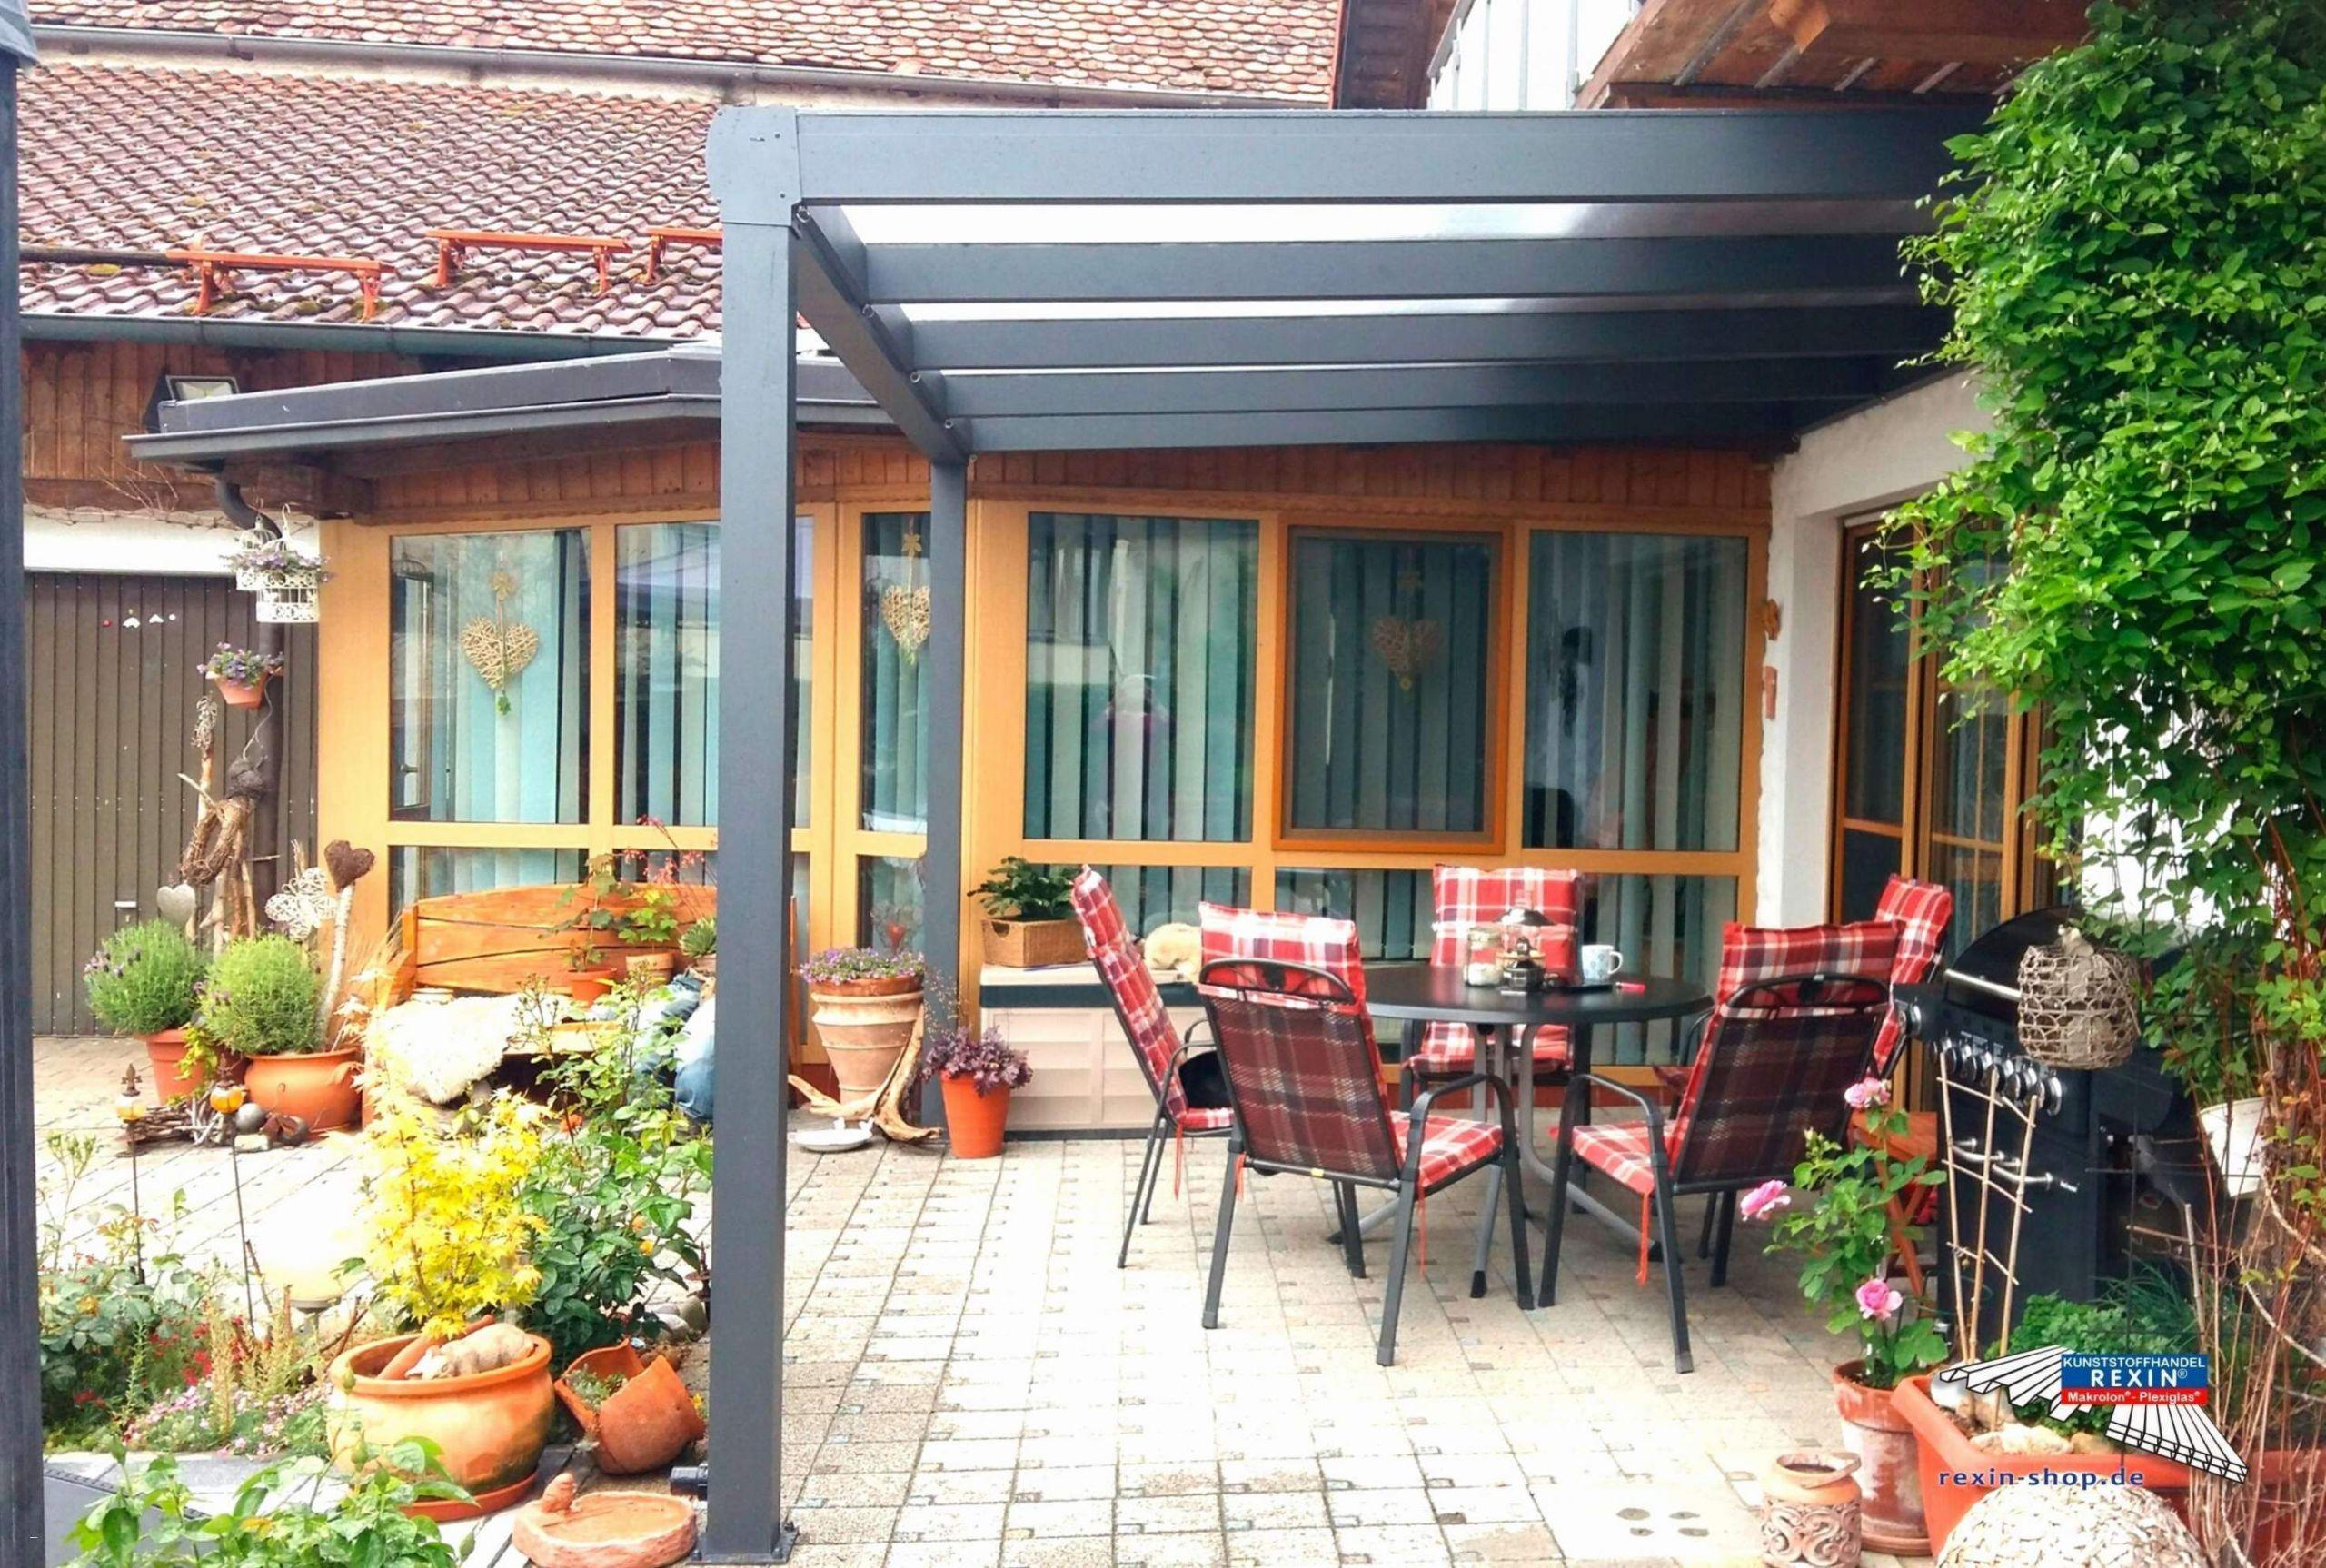 Zierbrunnen Für Den Garten Frisch sonnenschutz Im Garten — Temobardz Home Blog